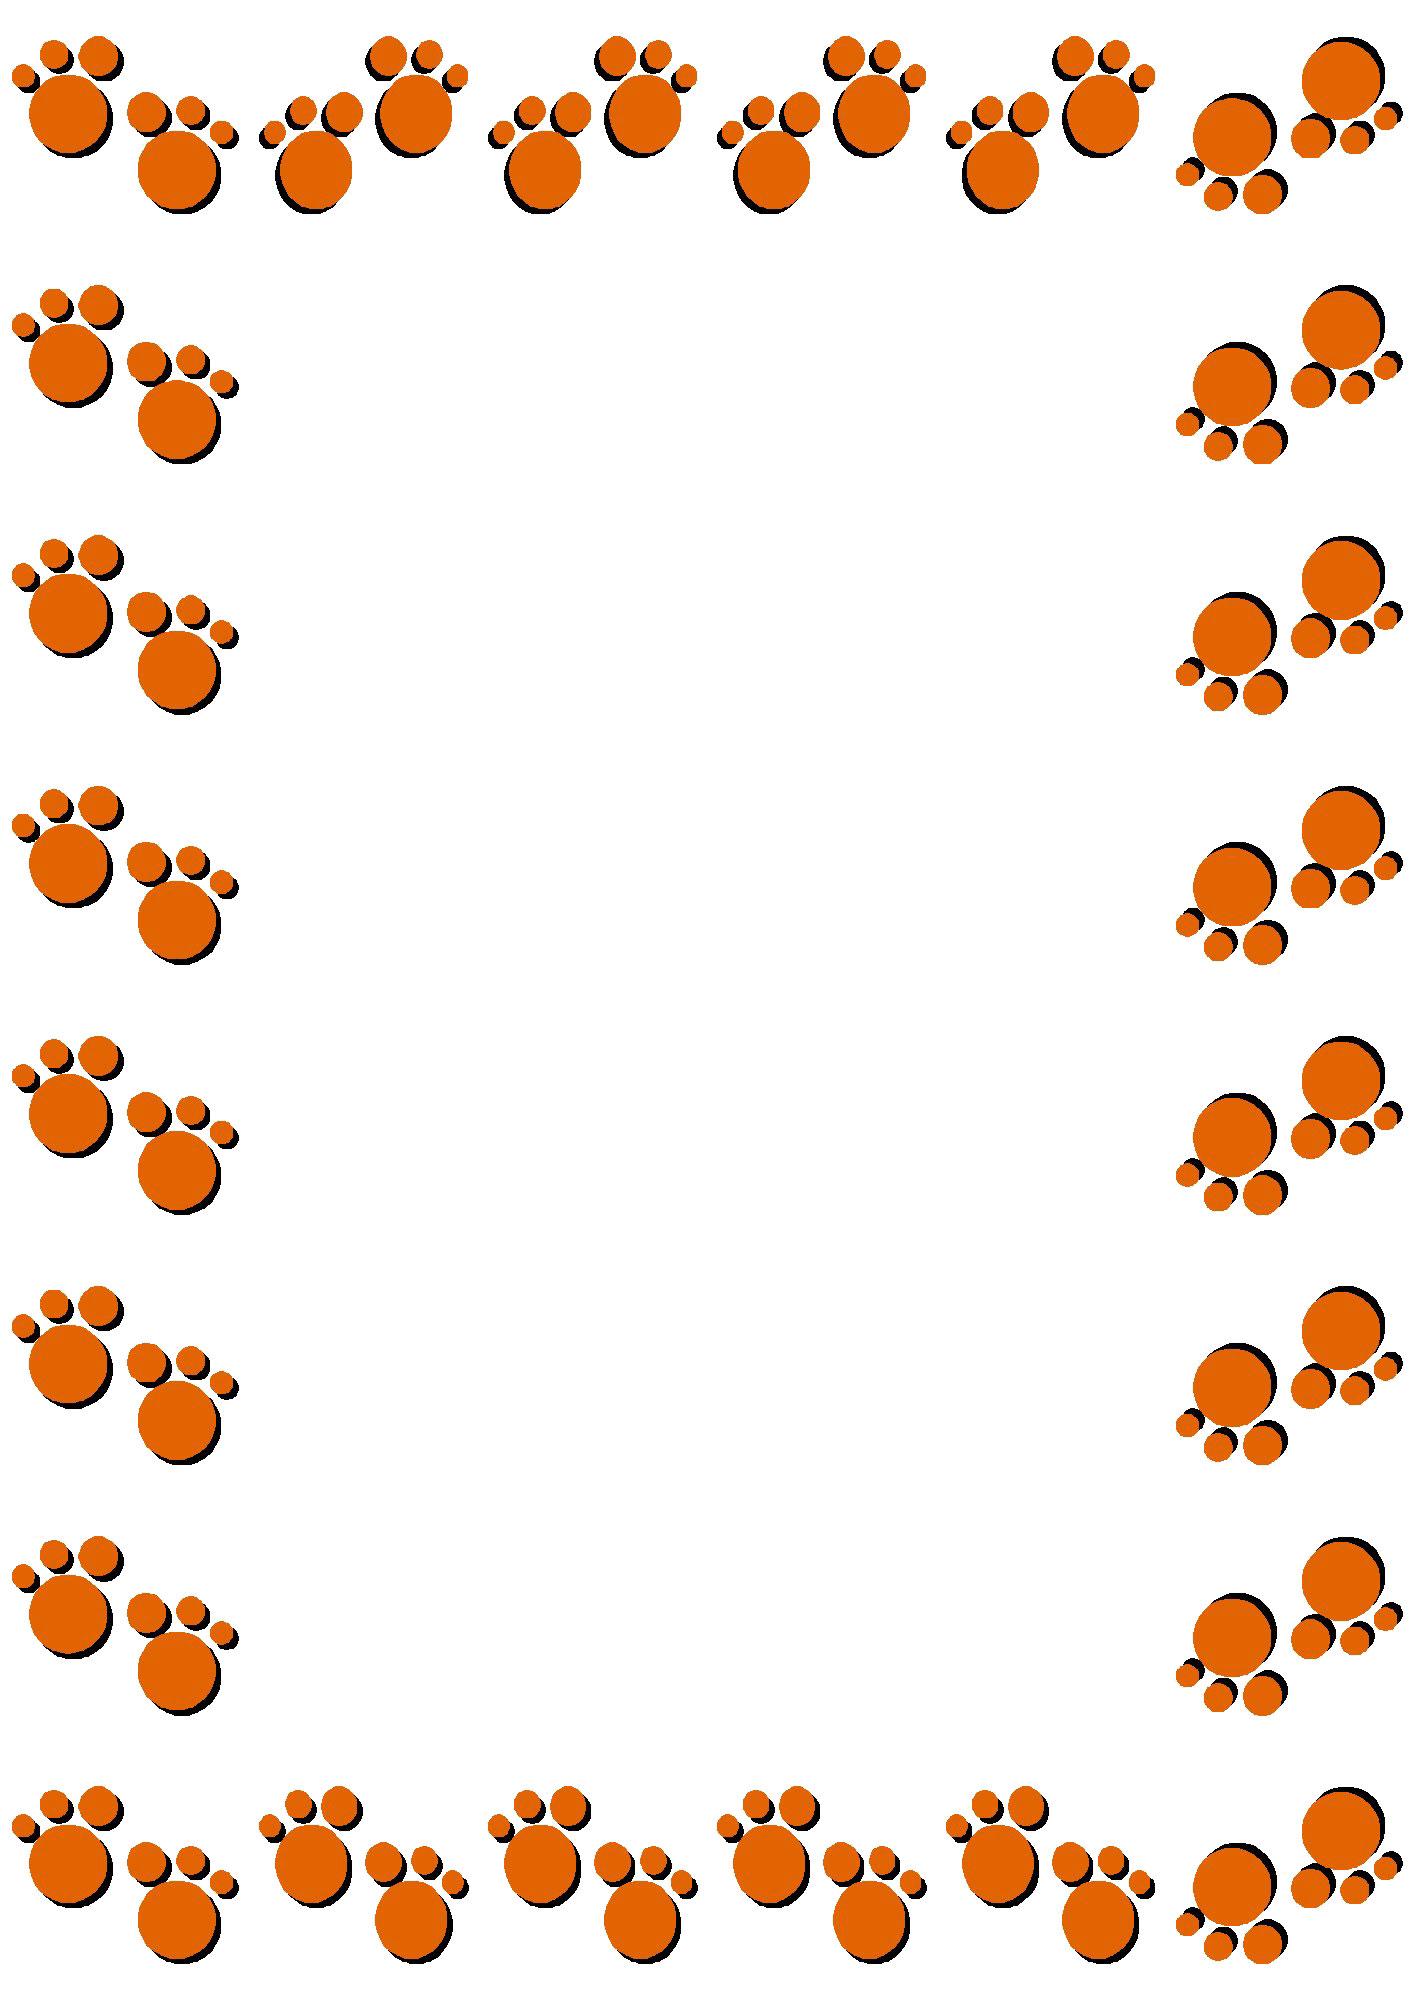 無料のフリー素材 - フレーム枠・タイトル「動物の足跡」